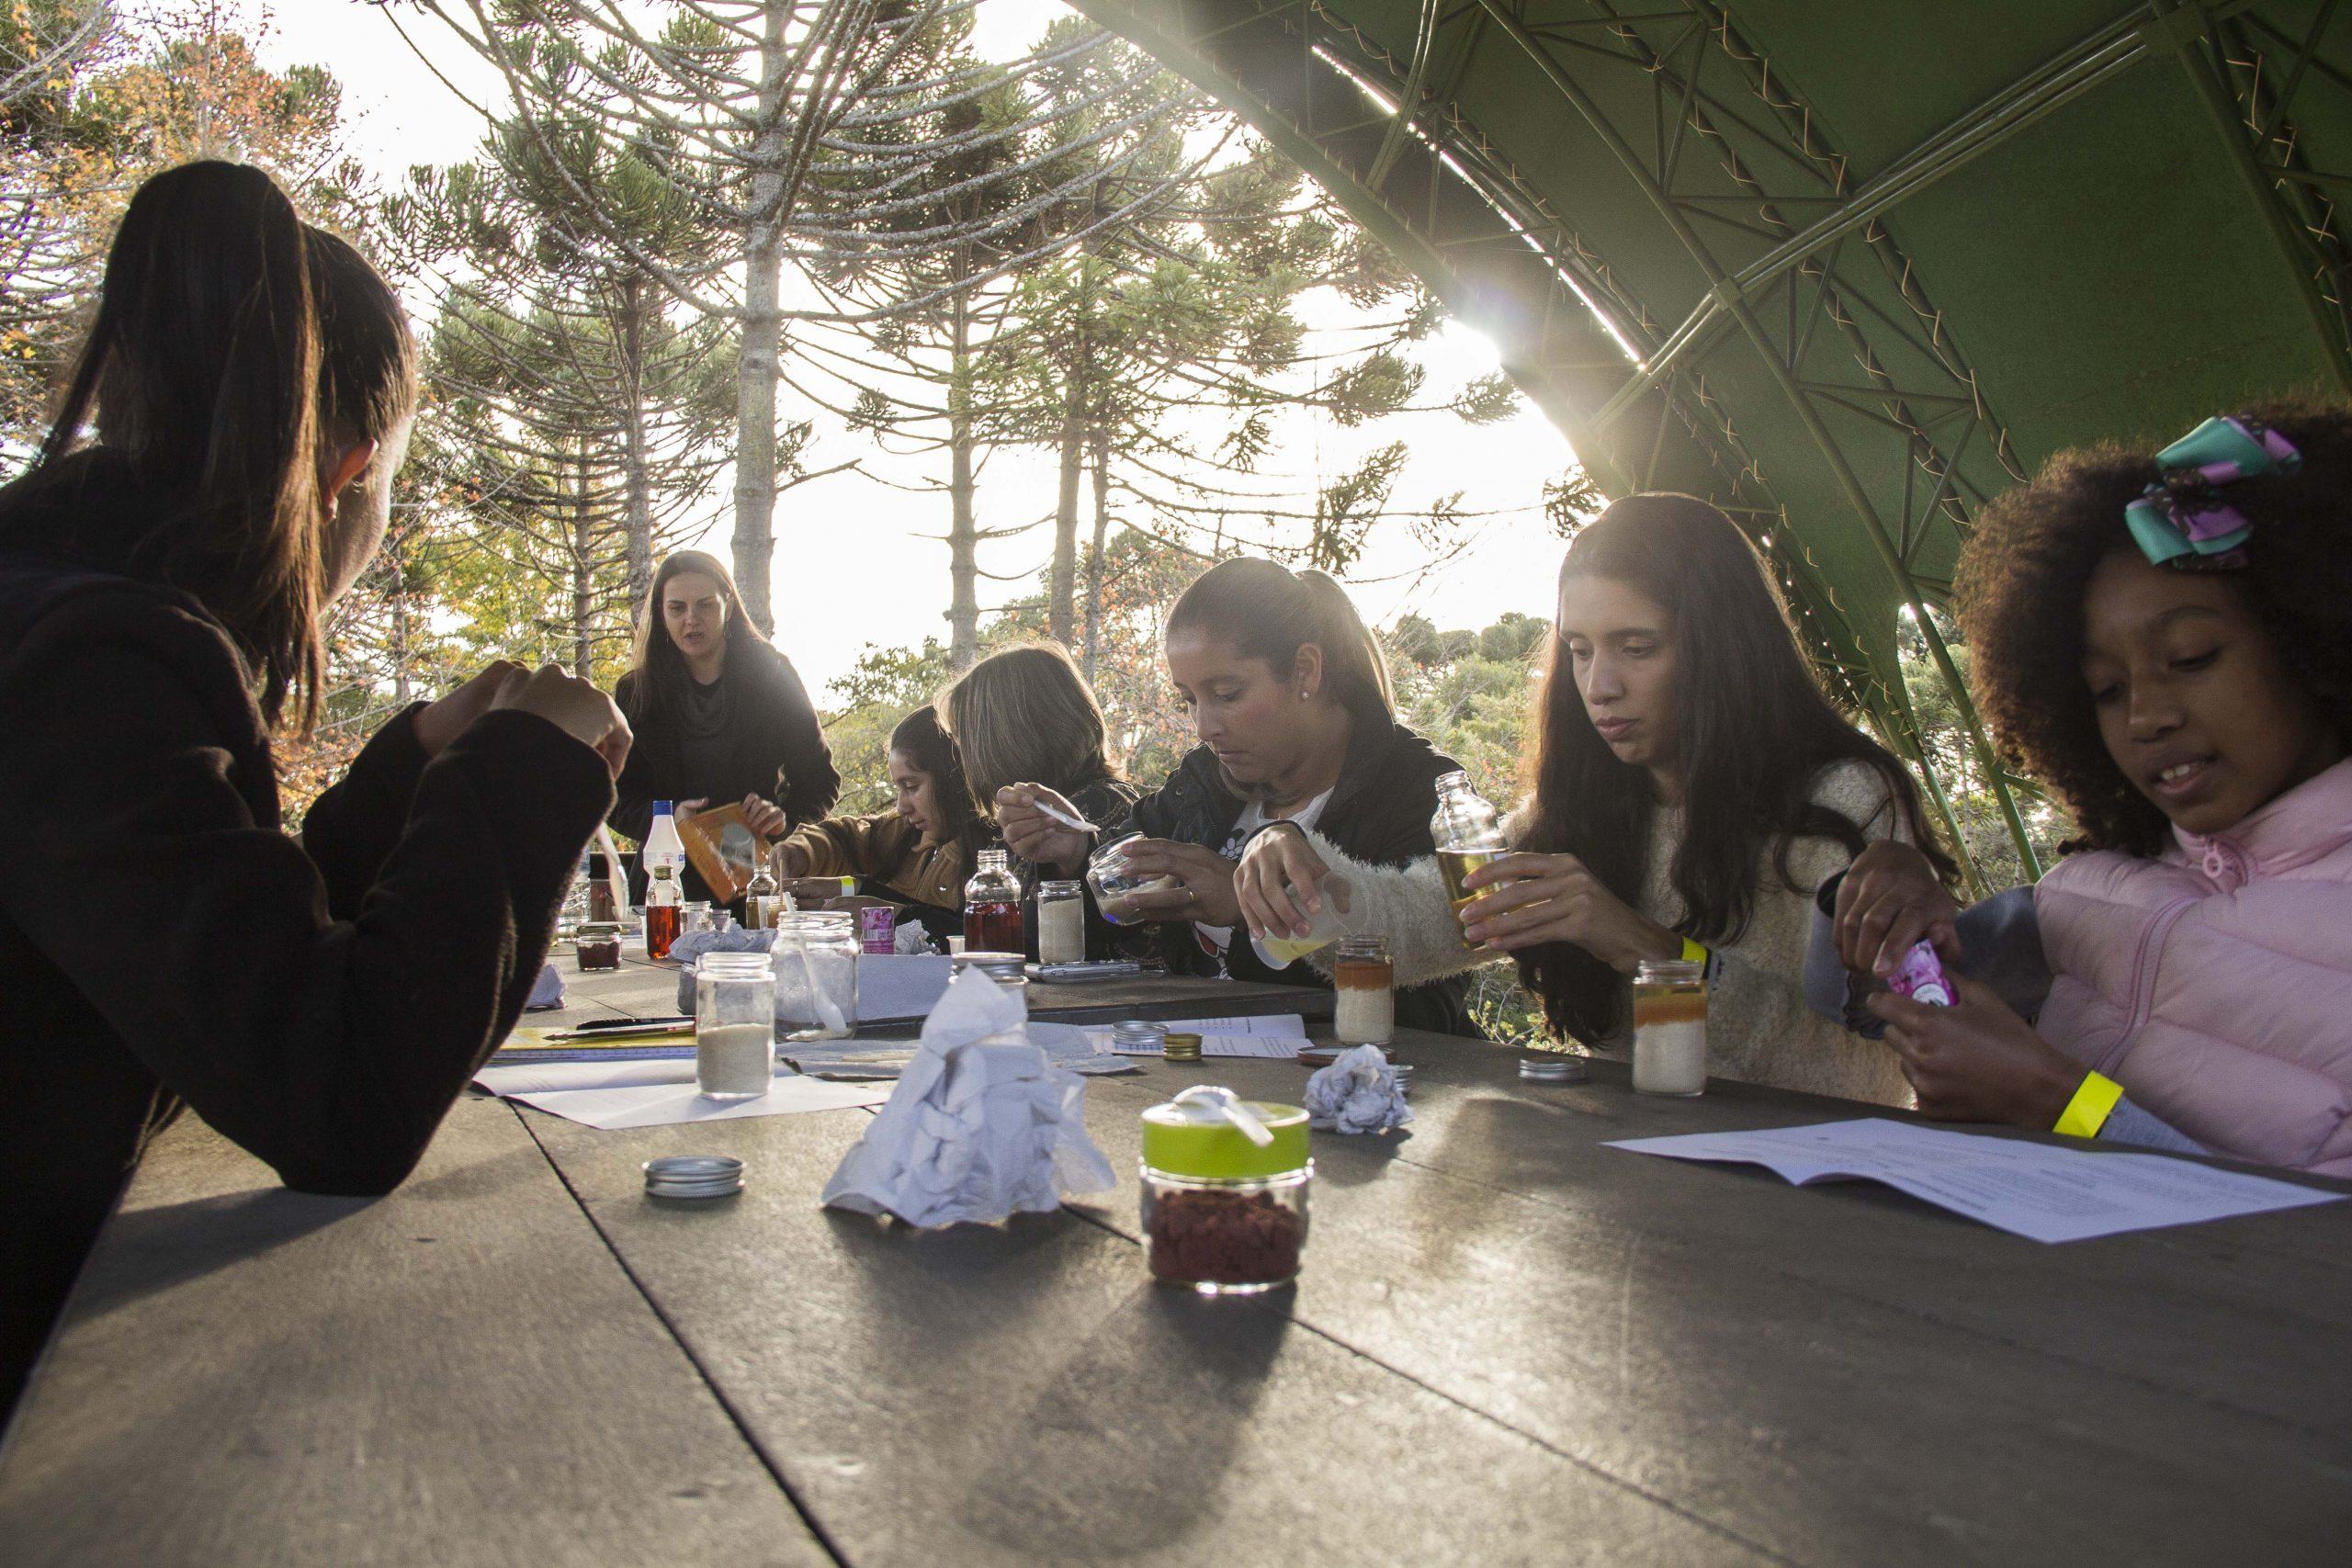 Numa mesa retangular estão sentadas seis mulheres, sendo elas brancas e negras. Sobre a mesa há algumas folhas e potes de vidro na qual elas fazem o manuseio. Um mulher em pé ao redor da mesa faz a instrução as demais.